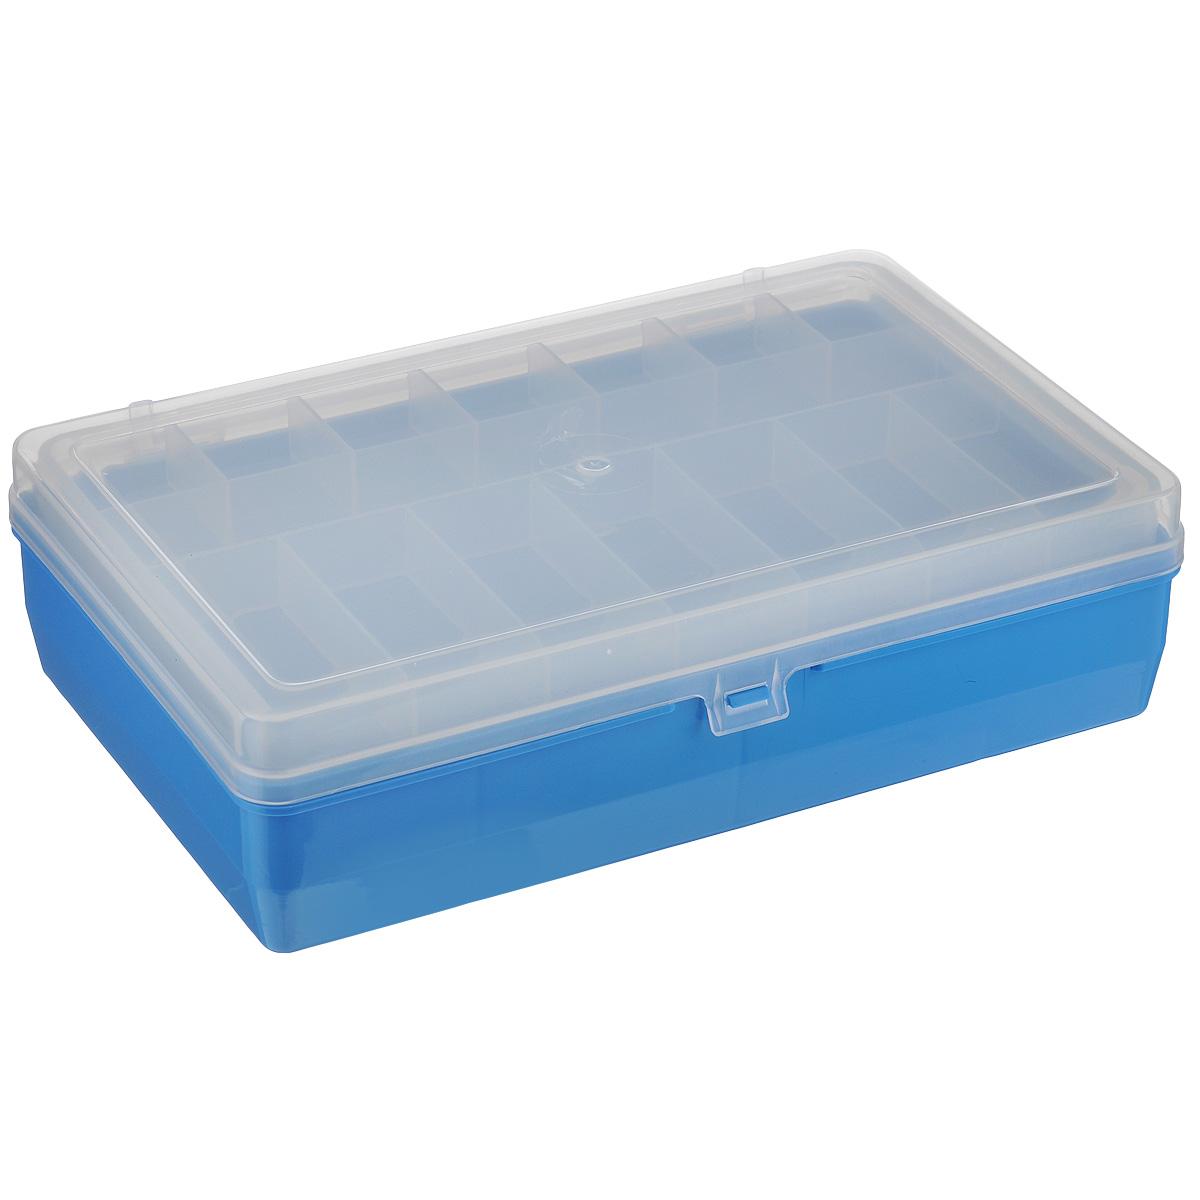 """Двухъярусная коробка для мелочей """"Trivol"""" изготовлена из высококачественного пластика. Прозрачная крышка позволяет видеть содержимое коробки. Изделие имеет два яруса. Верхний ярус представляет собой съемное отделение, в котором содержится 15 ячеек разной формы. Нижний ярус имеет 3 ячейки разного размера. Коробка прекрасно подойдет для хранения швейных принадлежностей, рыболовных снастей, мелких деталей и других бытовых мелочей. Удобный и надежный замок-защелка обеспечивает надежное закрывание крышки. Коробка легко моется и чистится. Такая коробка поможет держать вещи в порядке."""